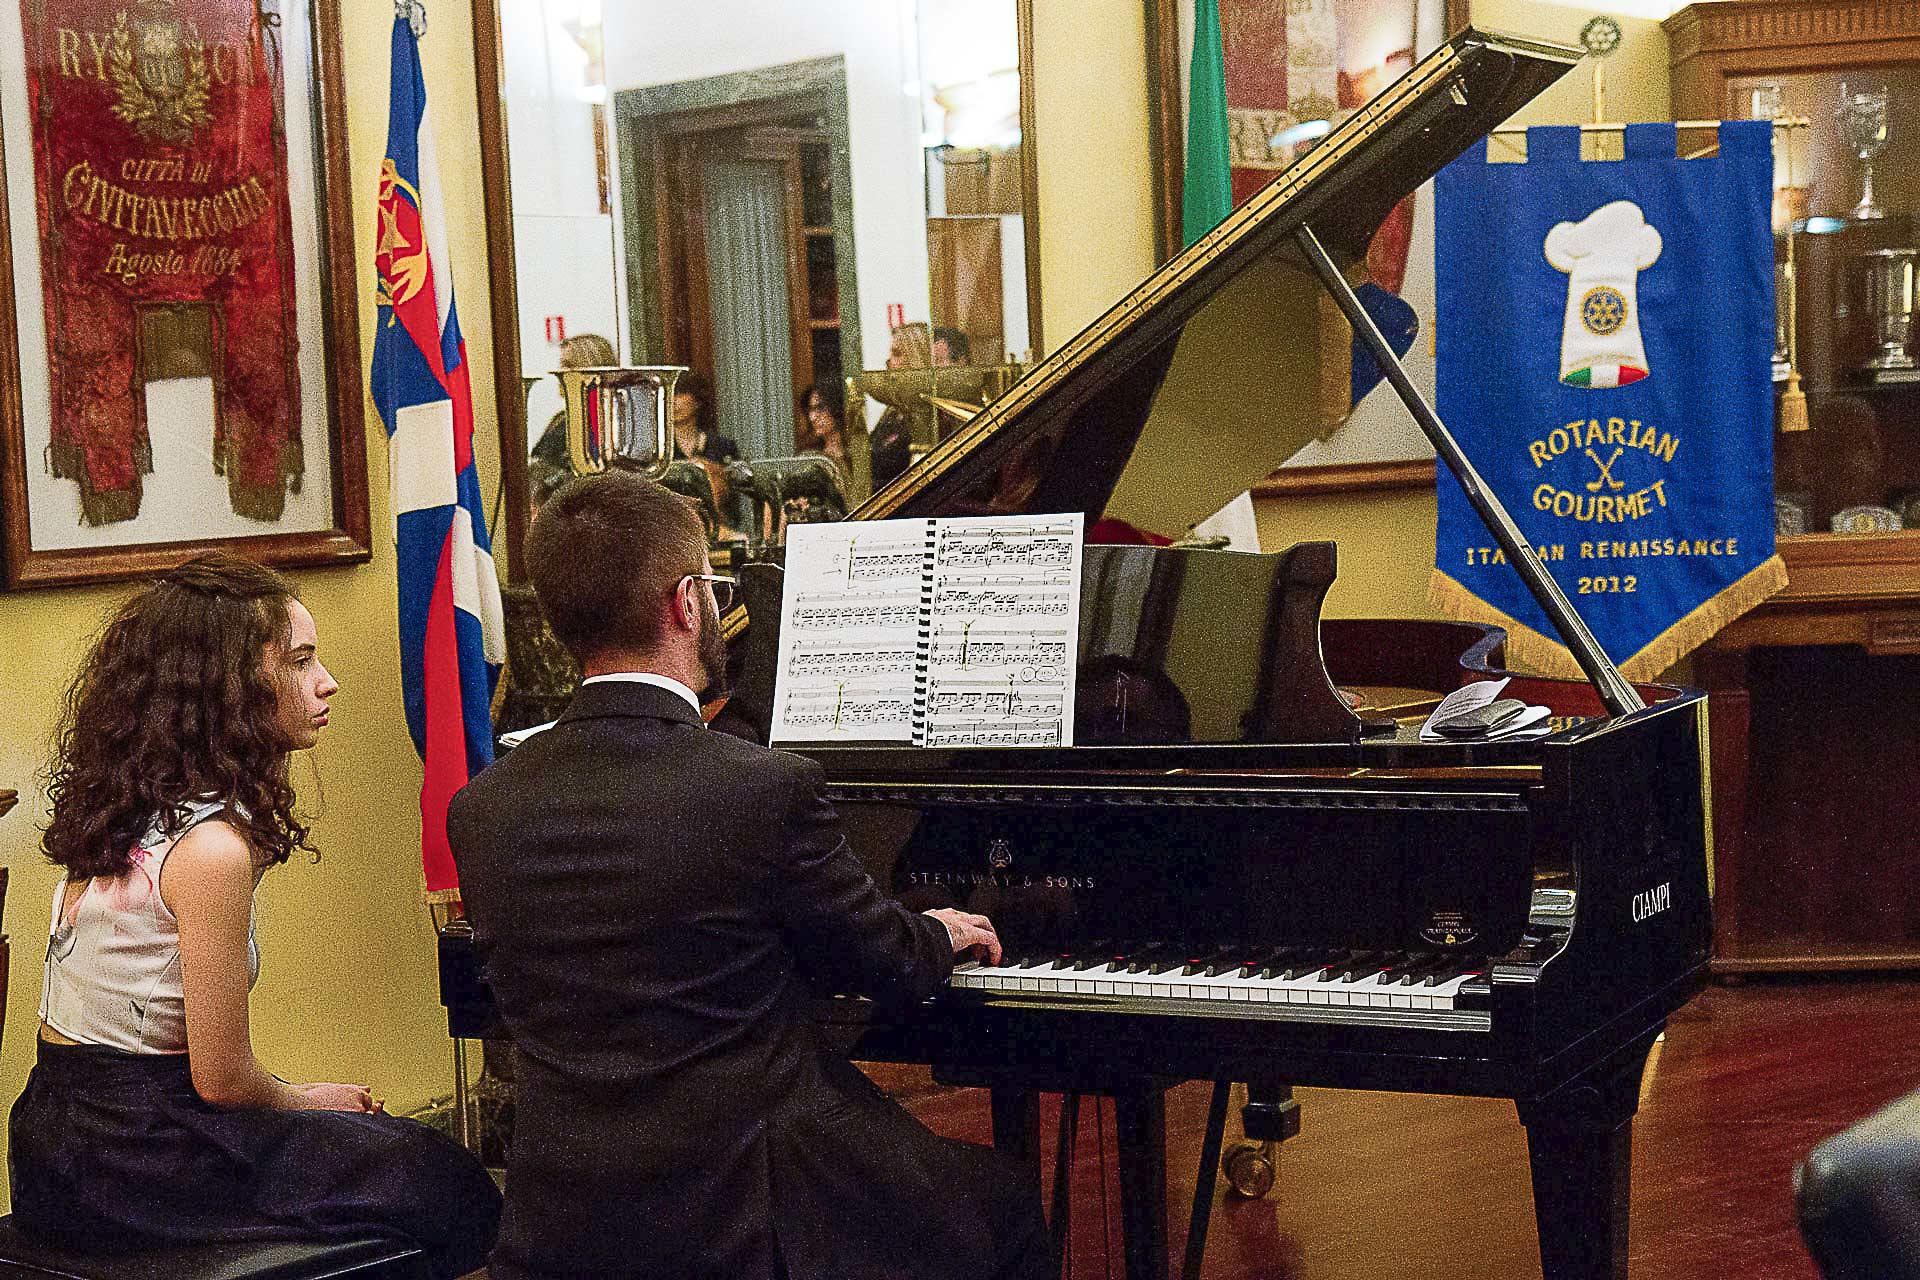 Un momento del concerto - Foto Annamaria Mazzei